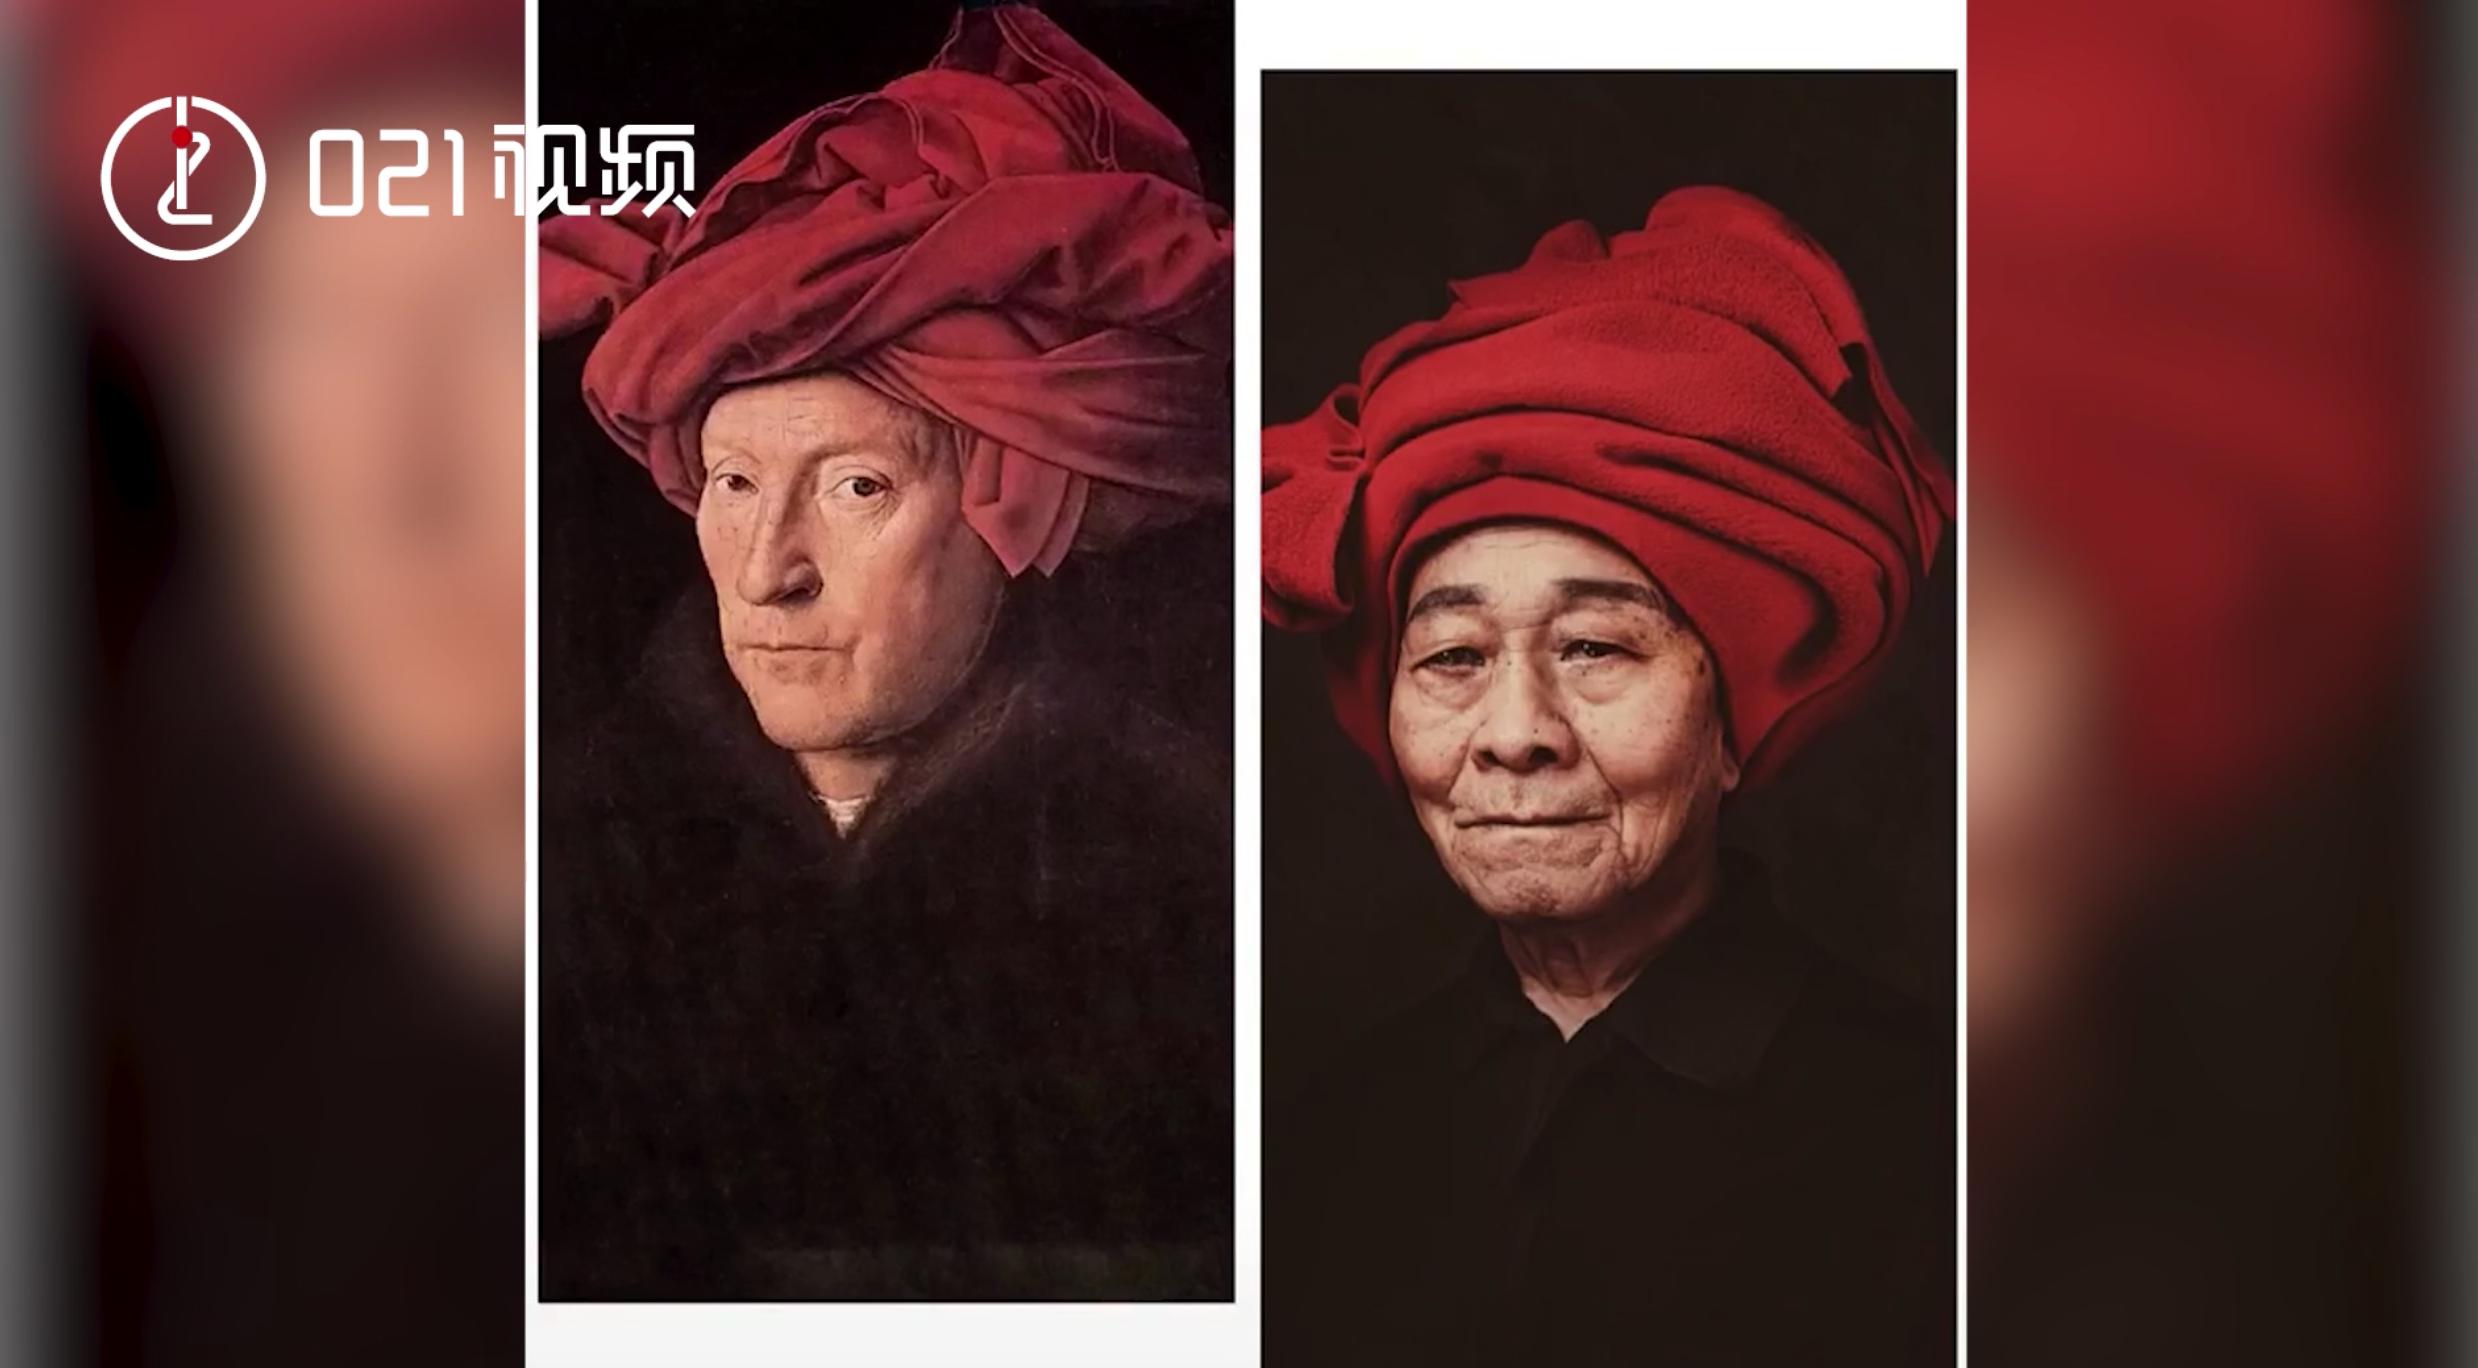 爷爷奶奶比你会玩系列!戏精老人cos世界名画,85岁阿婆感叹:好久没化妆了